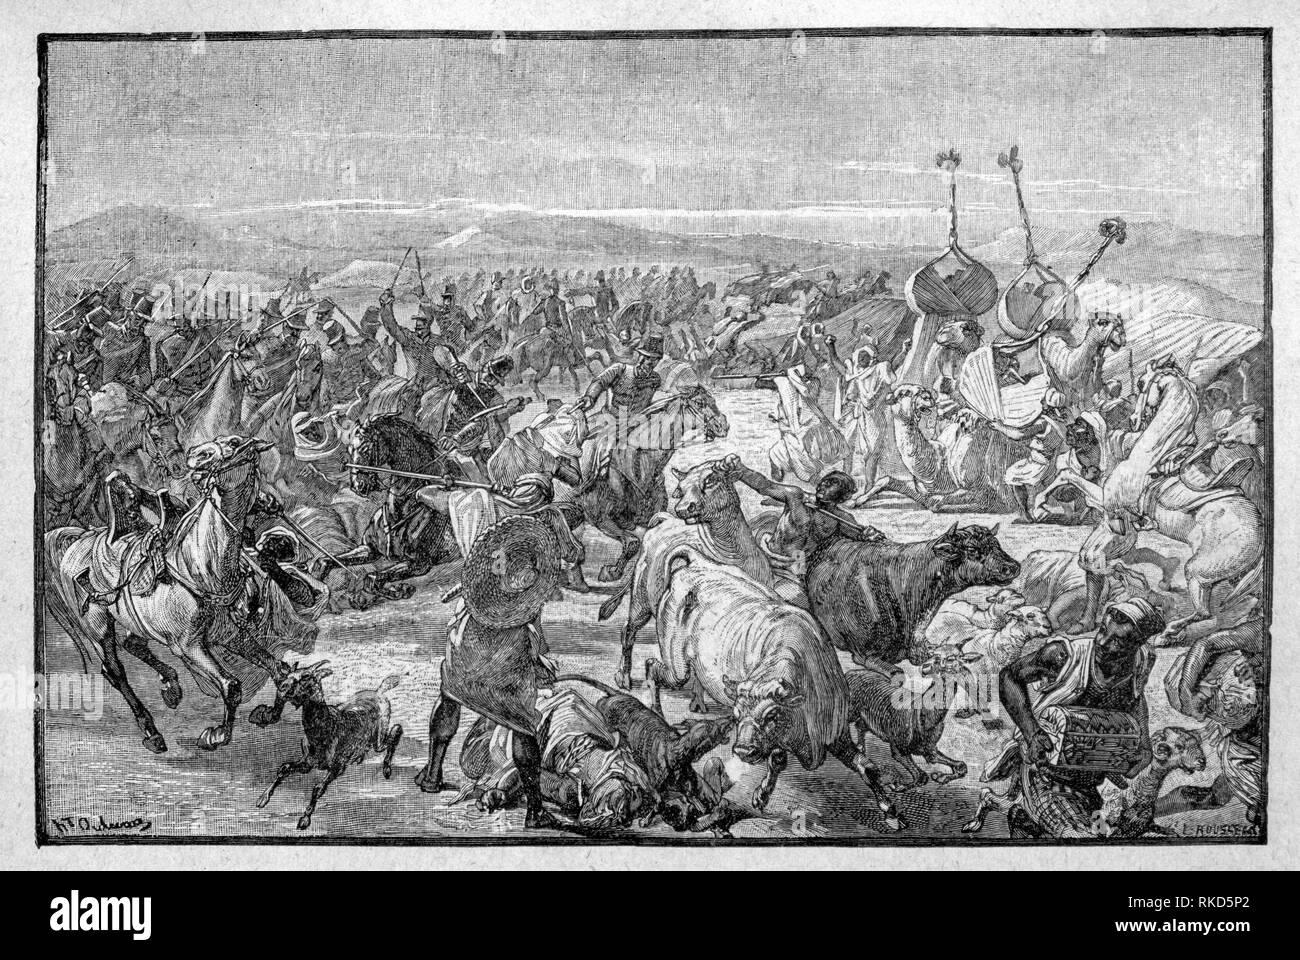 Algeri. Conquista di Algeri, intorno al 1830: la storia di Algeri dal 1830 al 1962 è legato alla storia più grande di Algeria e il suo rapporto con Immagini Stock